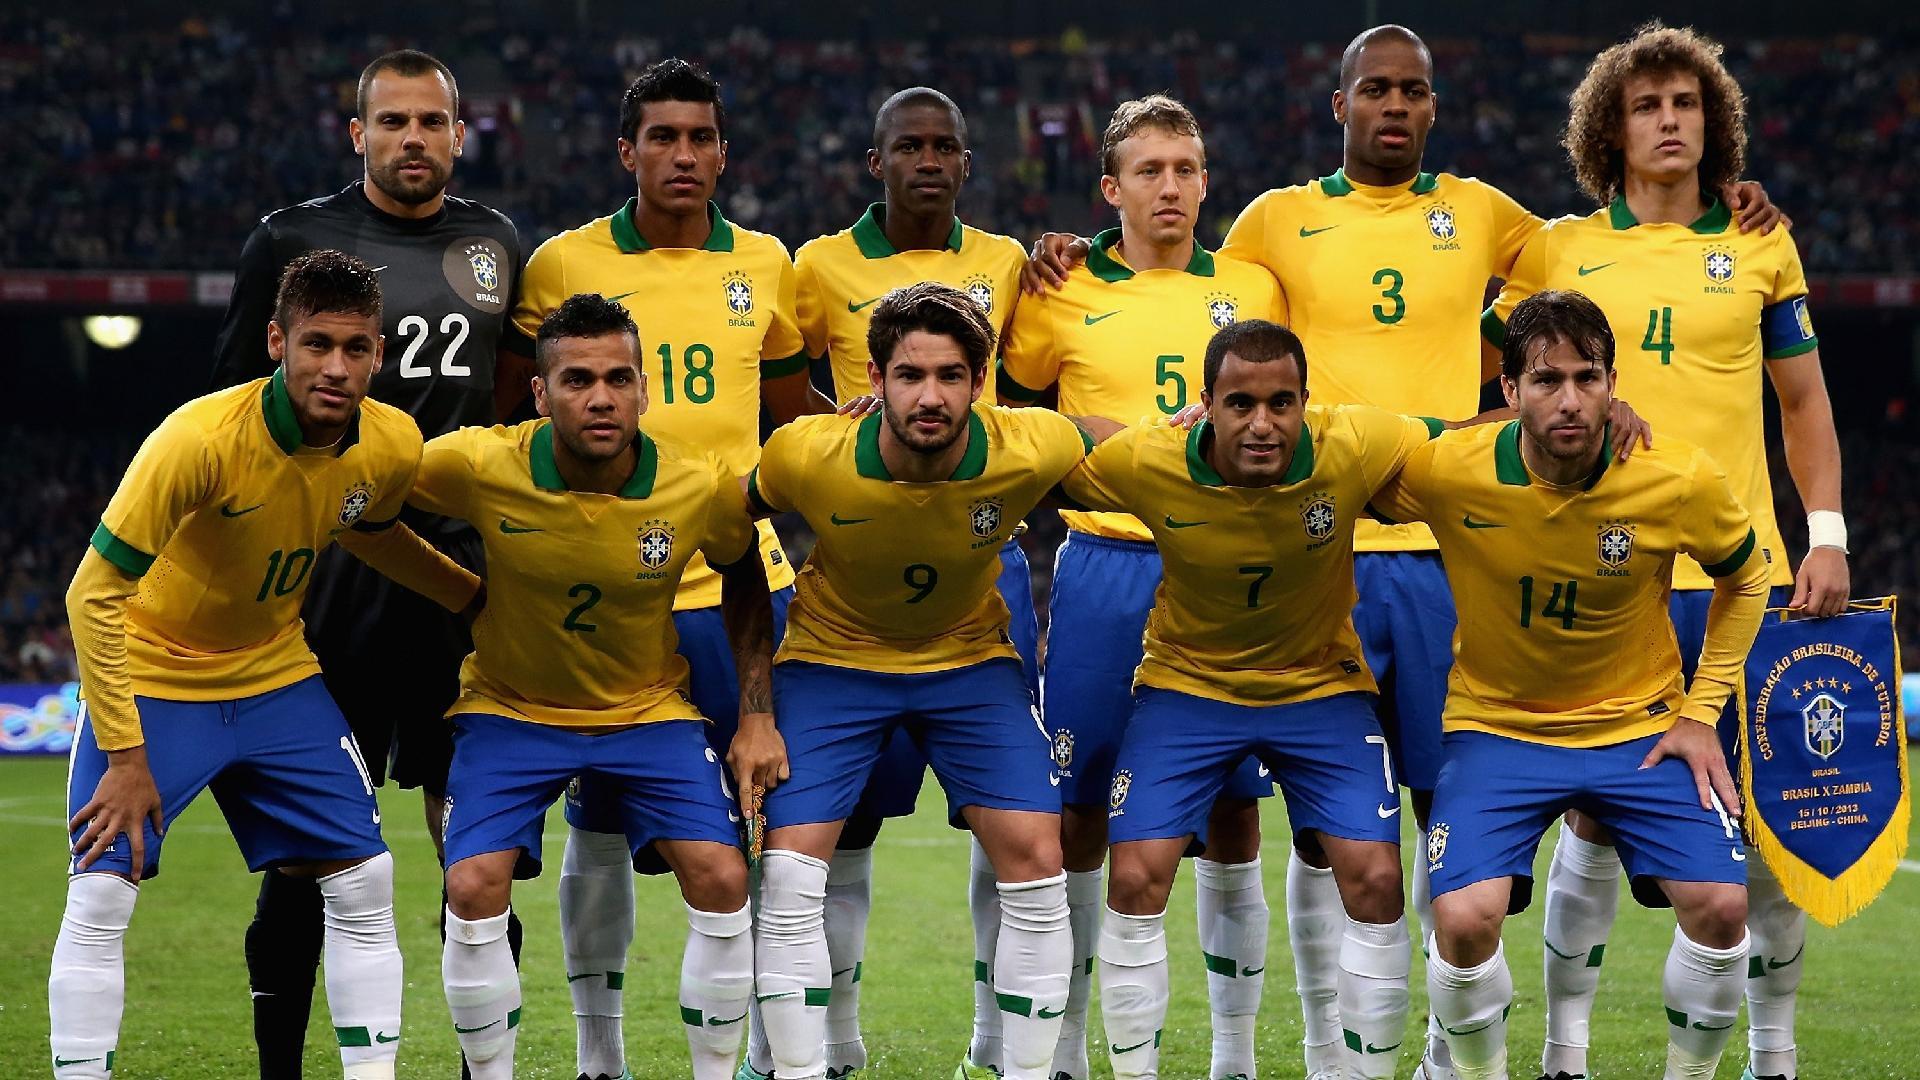 Seleção brasileira posa para foto antes de amistoso com a Zâmbia, em 2013